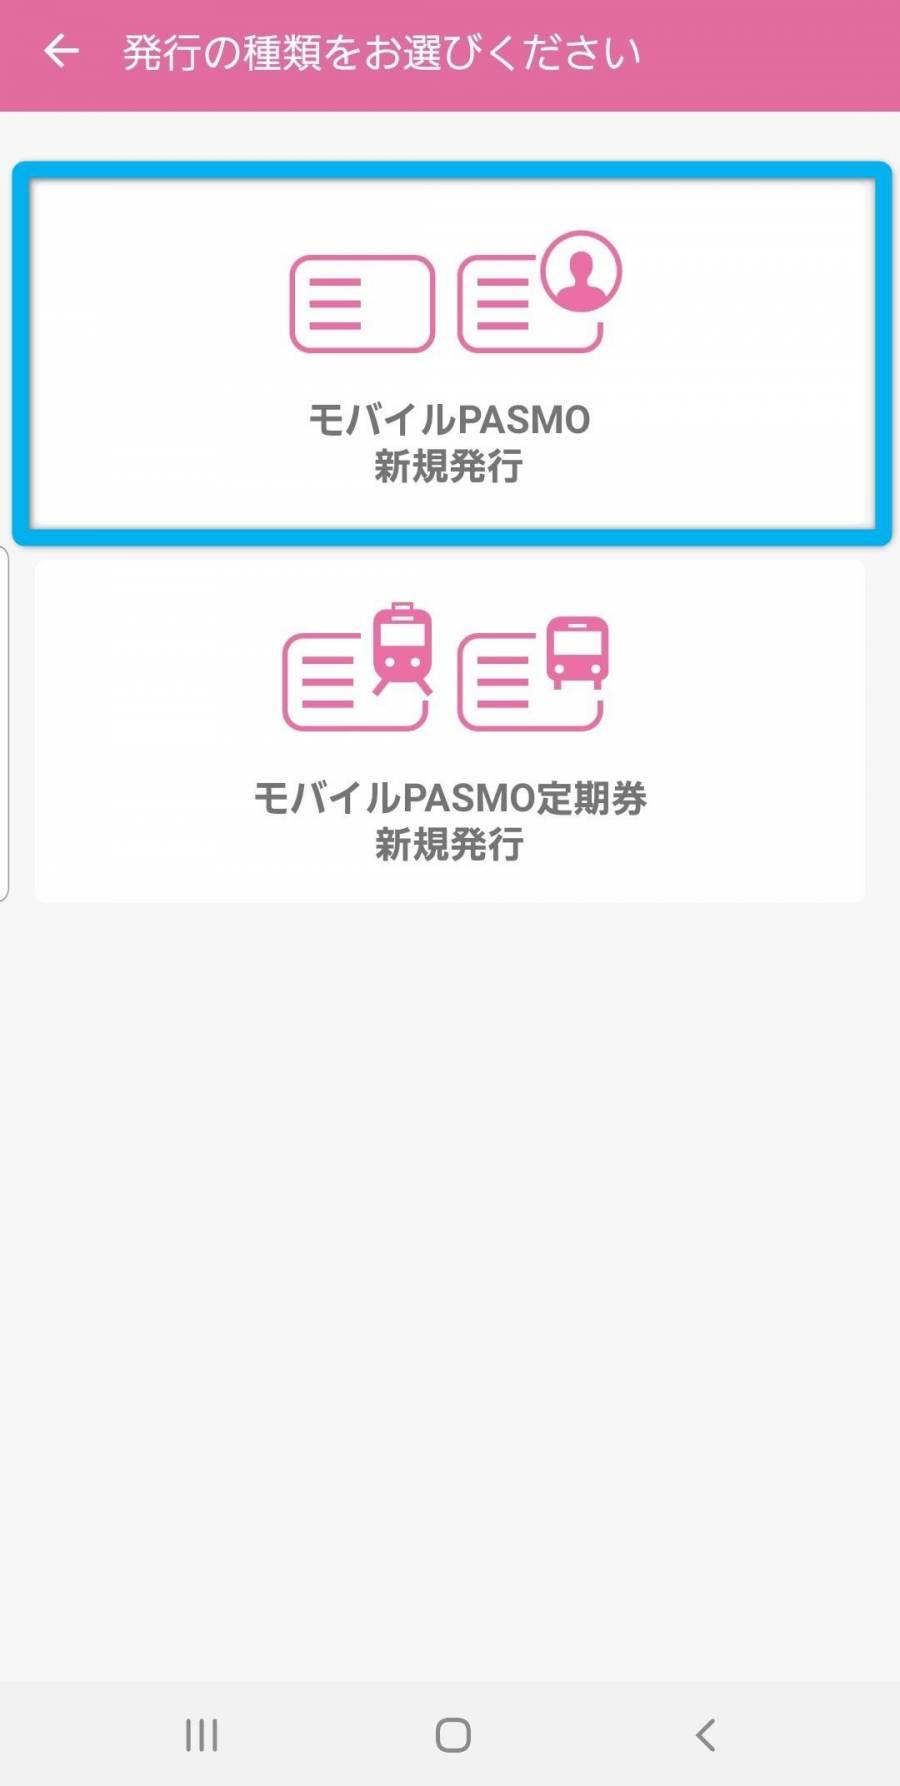 モバイルPASMO 新規発行